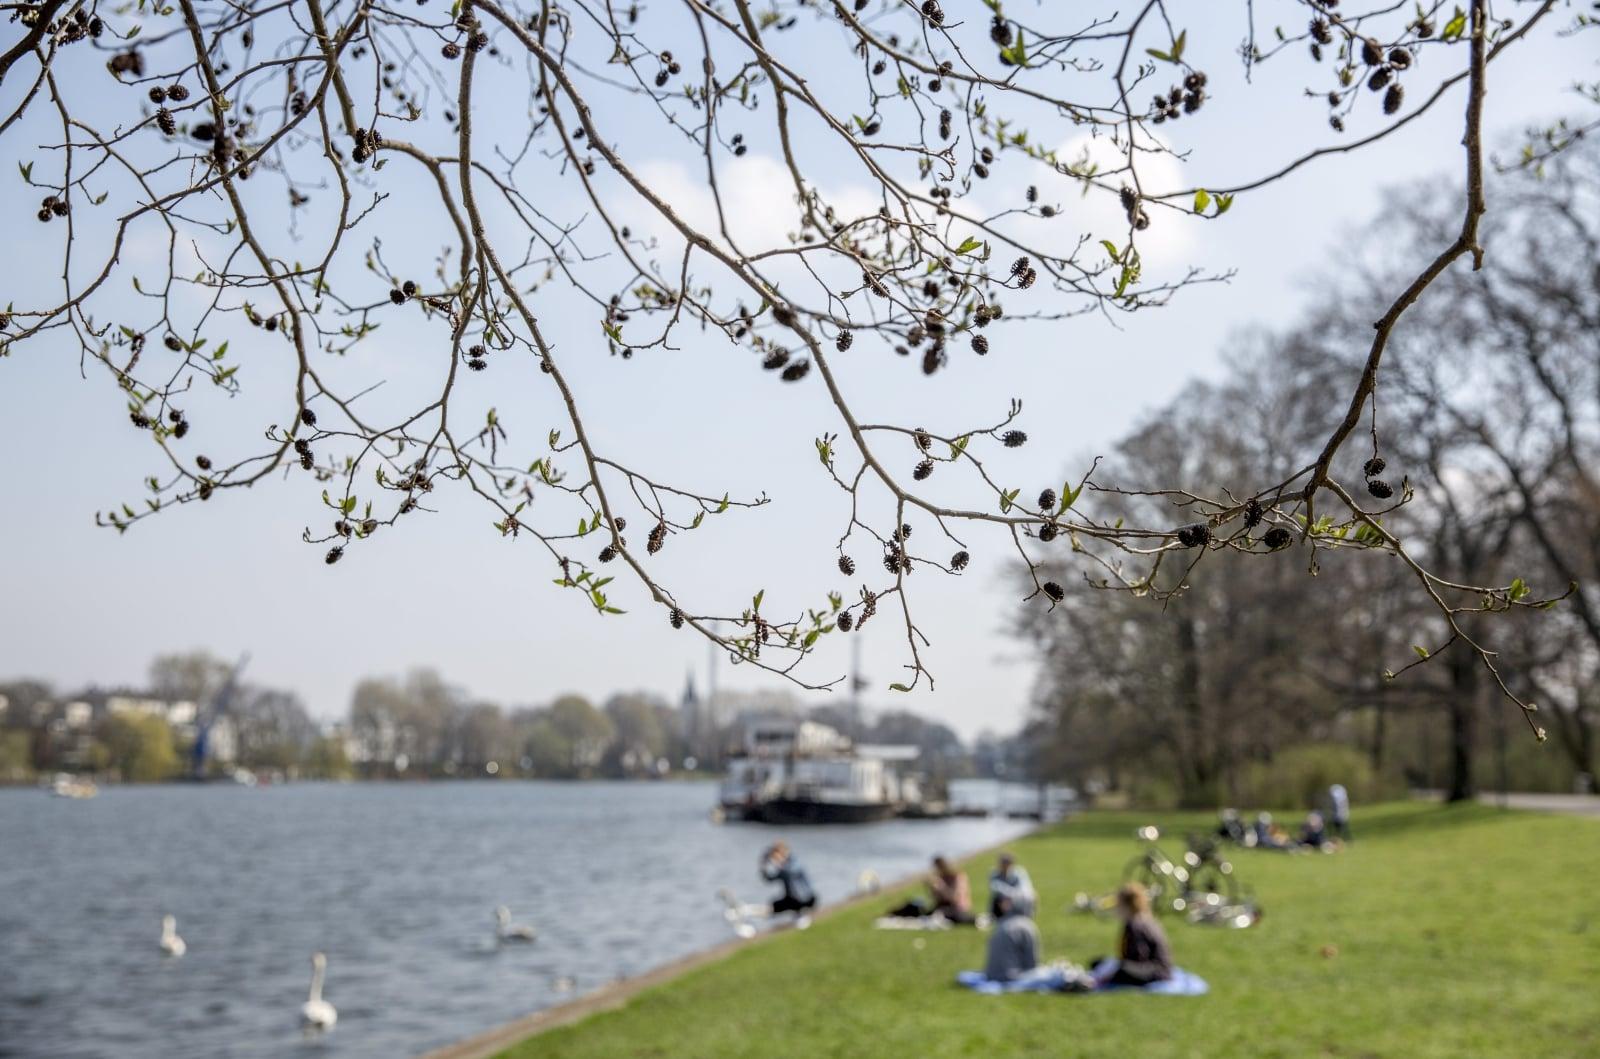 Wiosenna pogoda w Berlinie, Niemcy, fot. EPA/OMER MESSINGER